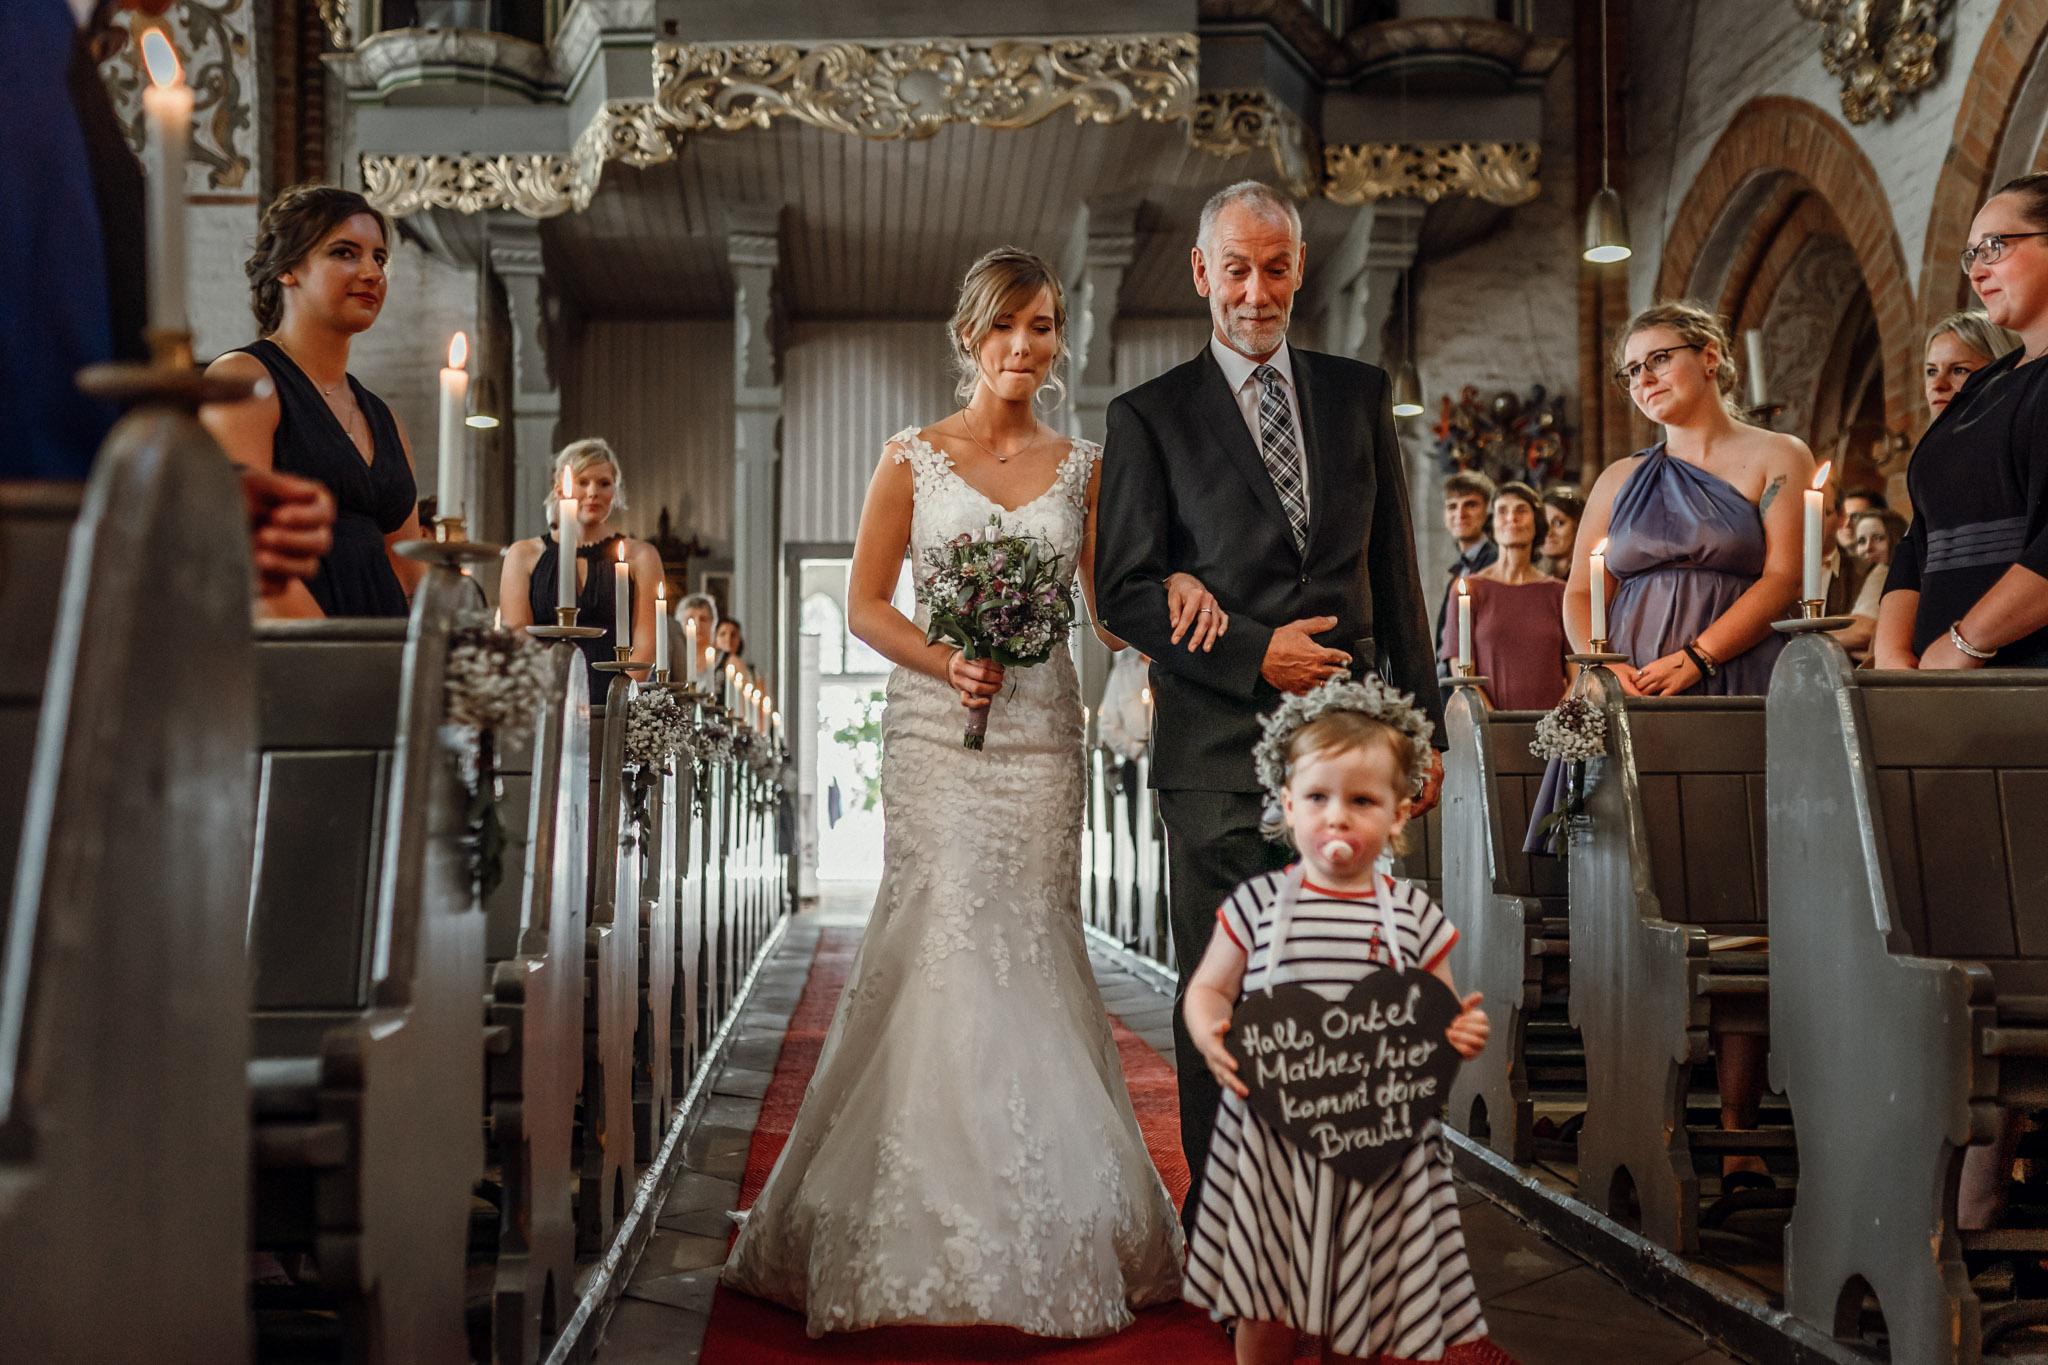 Sven Schomburg Hochzeitsfotografie, Hamburg, Mölln, Hochzeitsfieber by Photo-Schomburg, Hochzeitsreportage, Forsthaus Waldhusen, Braut, Bräutigam-26